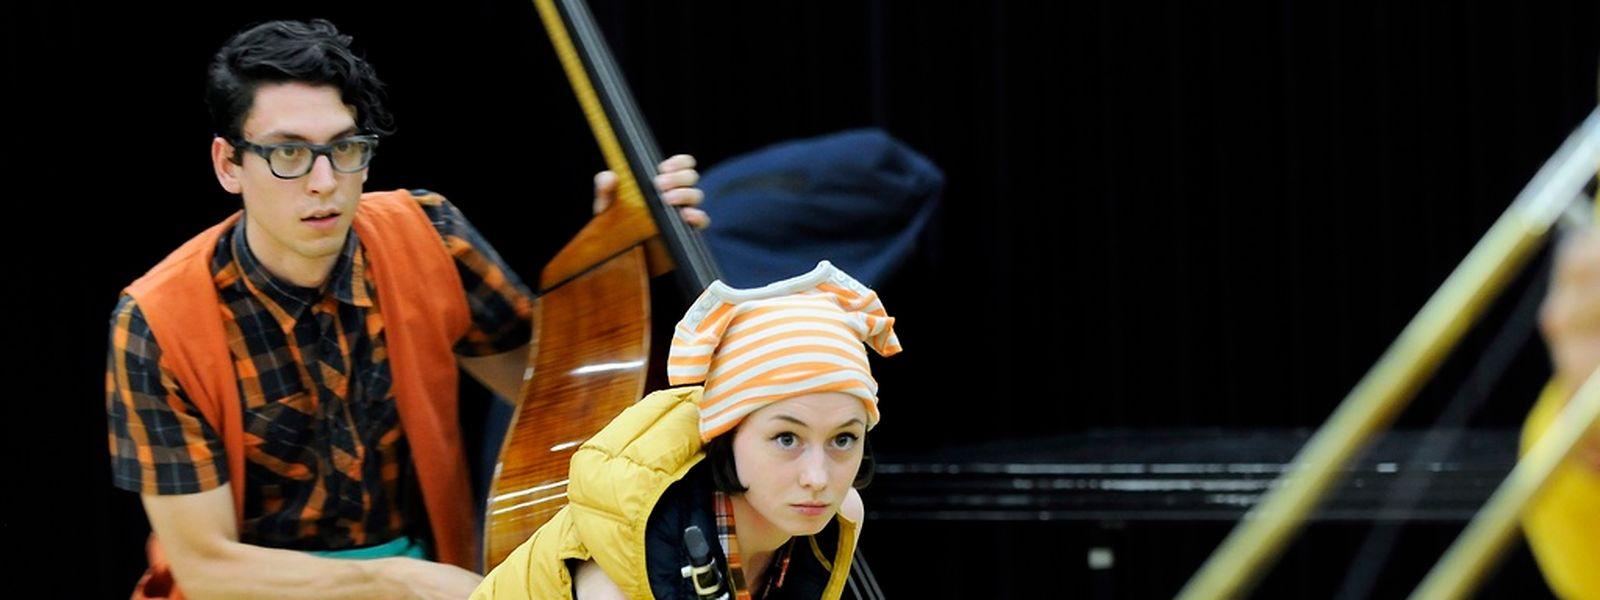 Probe des szenischen Konzerts für sieben Instrumentalisten.